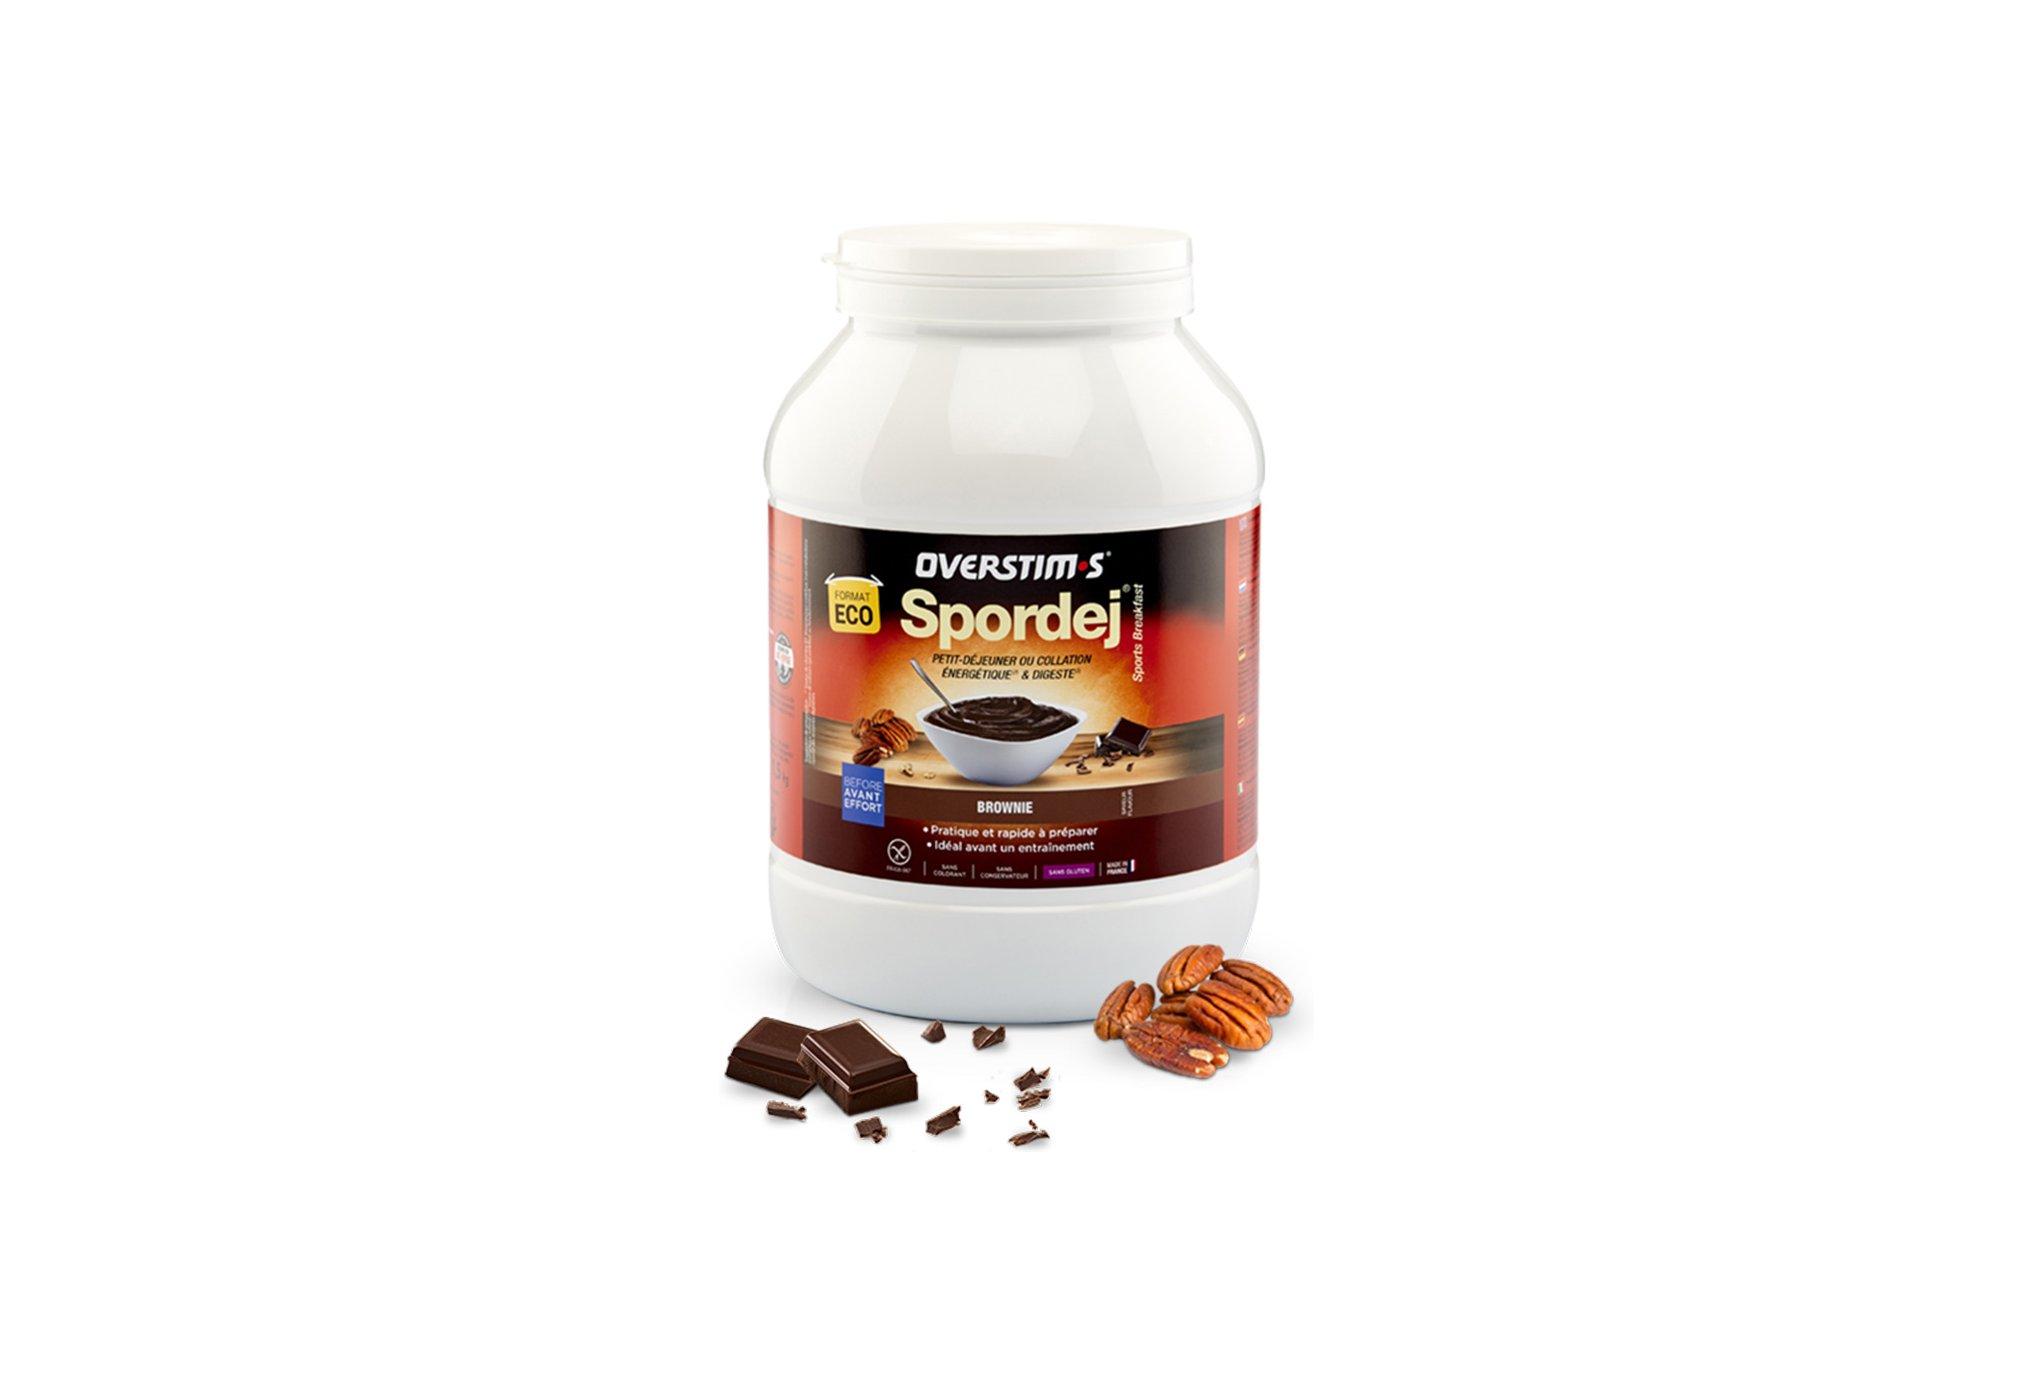 OVERSTIMS Spordej 1,5 kg - Brownie Diététique Préparation